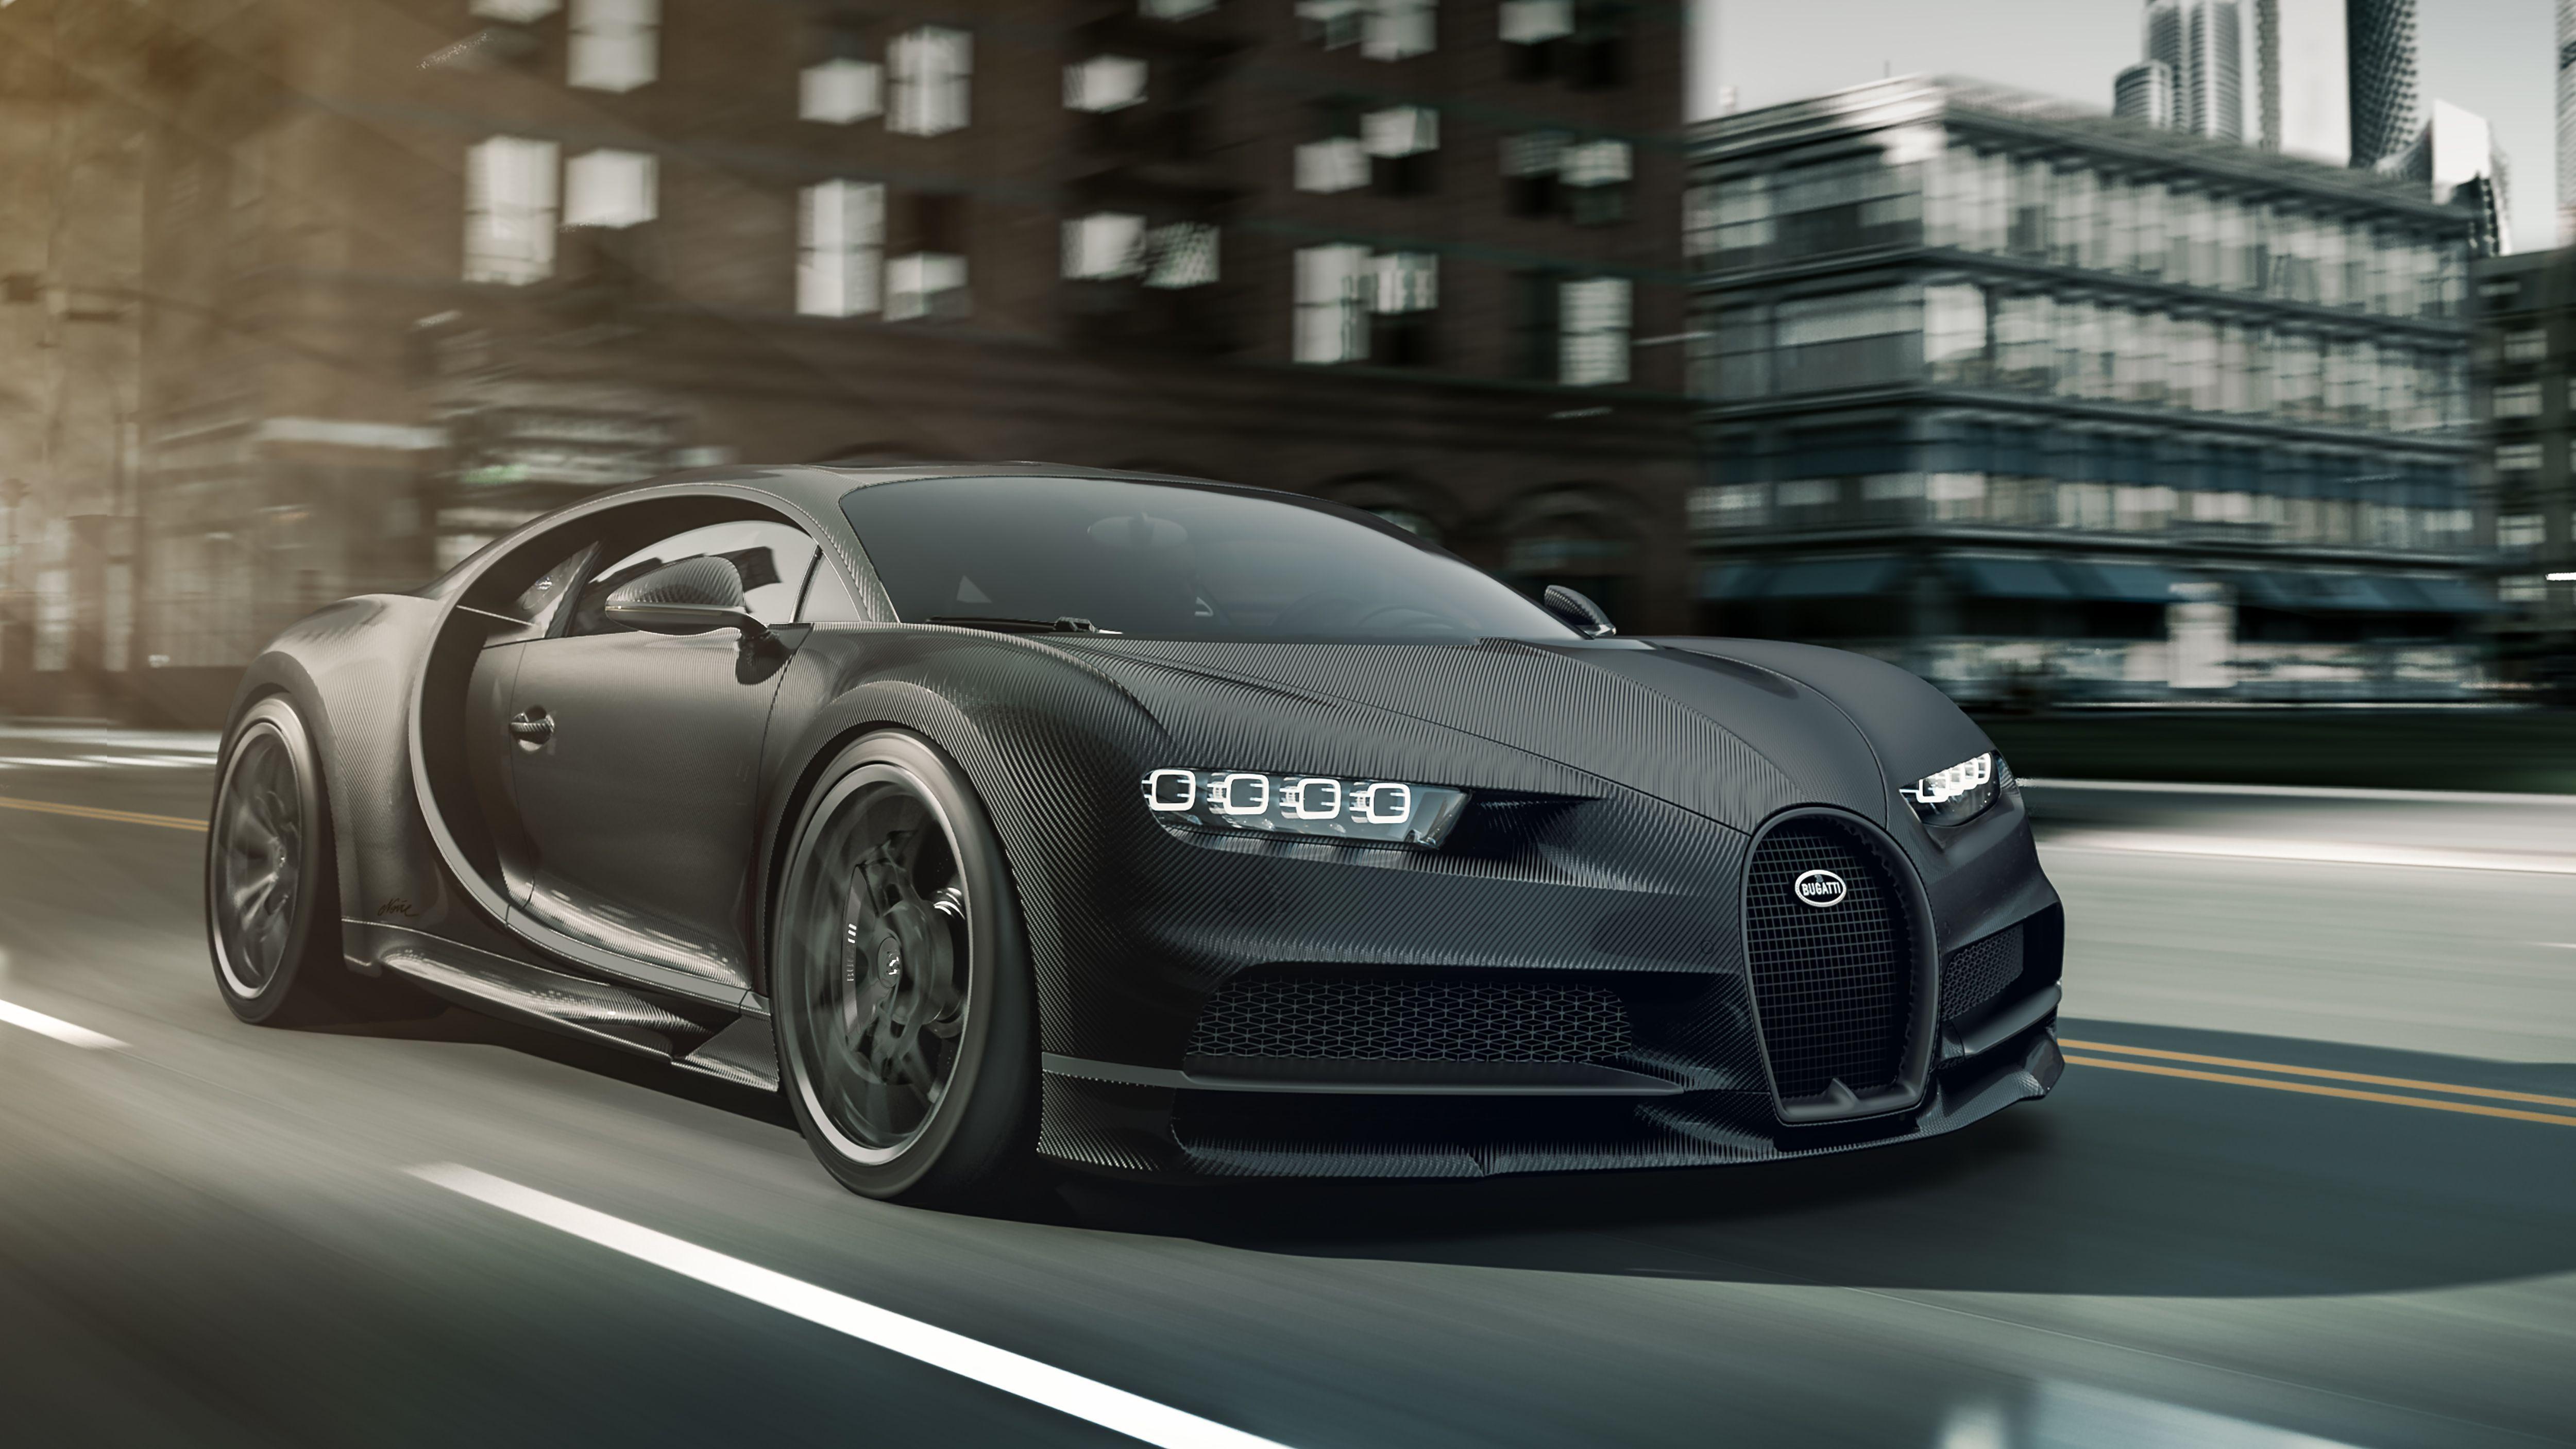 Bugatti Chiron Noire 2020 Wallpapers Wallpaper Cave